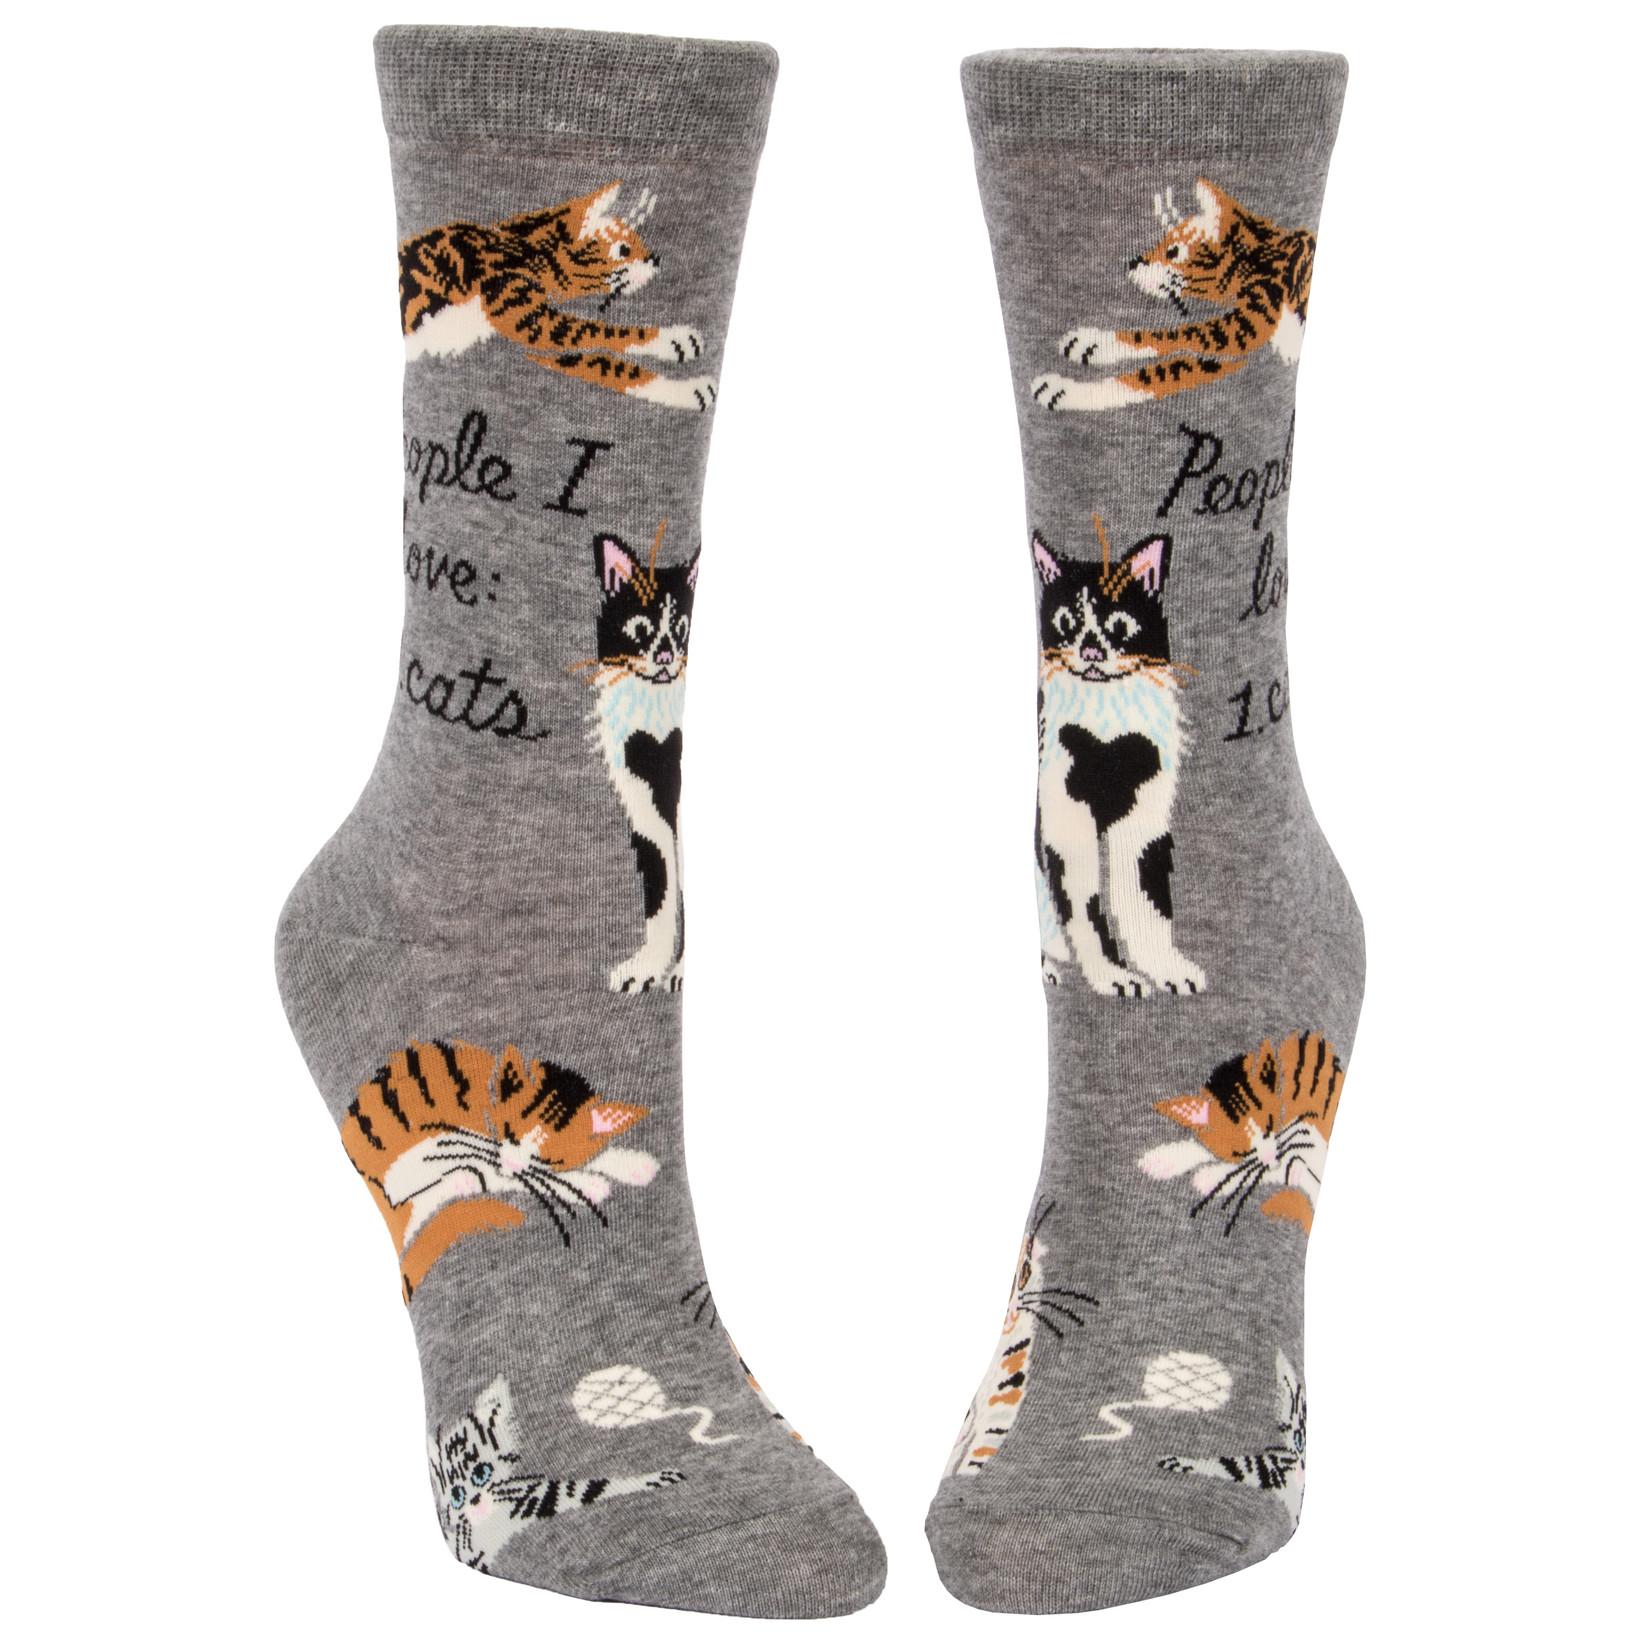 Blue Q People I Love : Cats W - Crew Socks